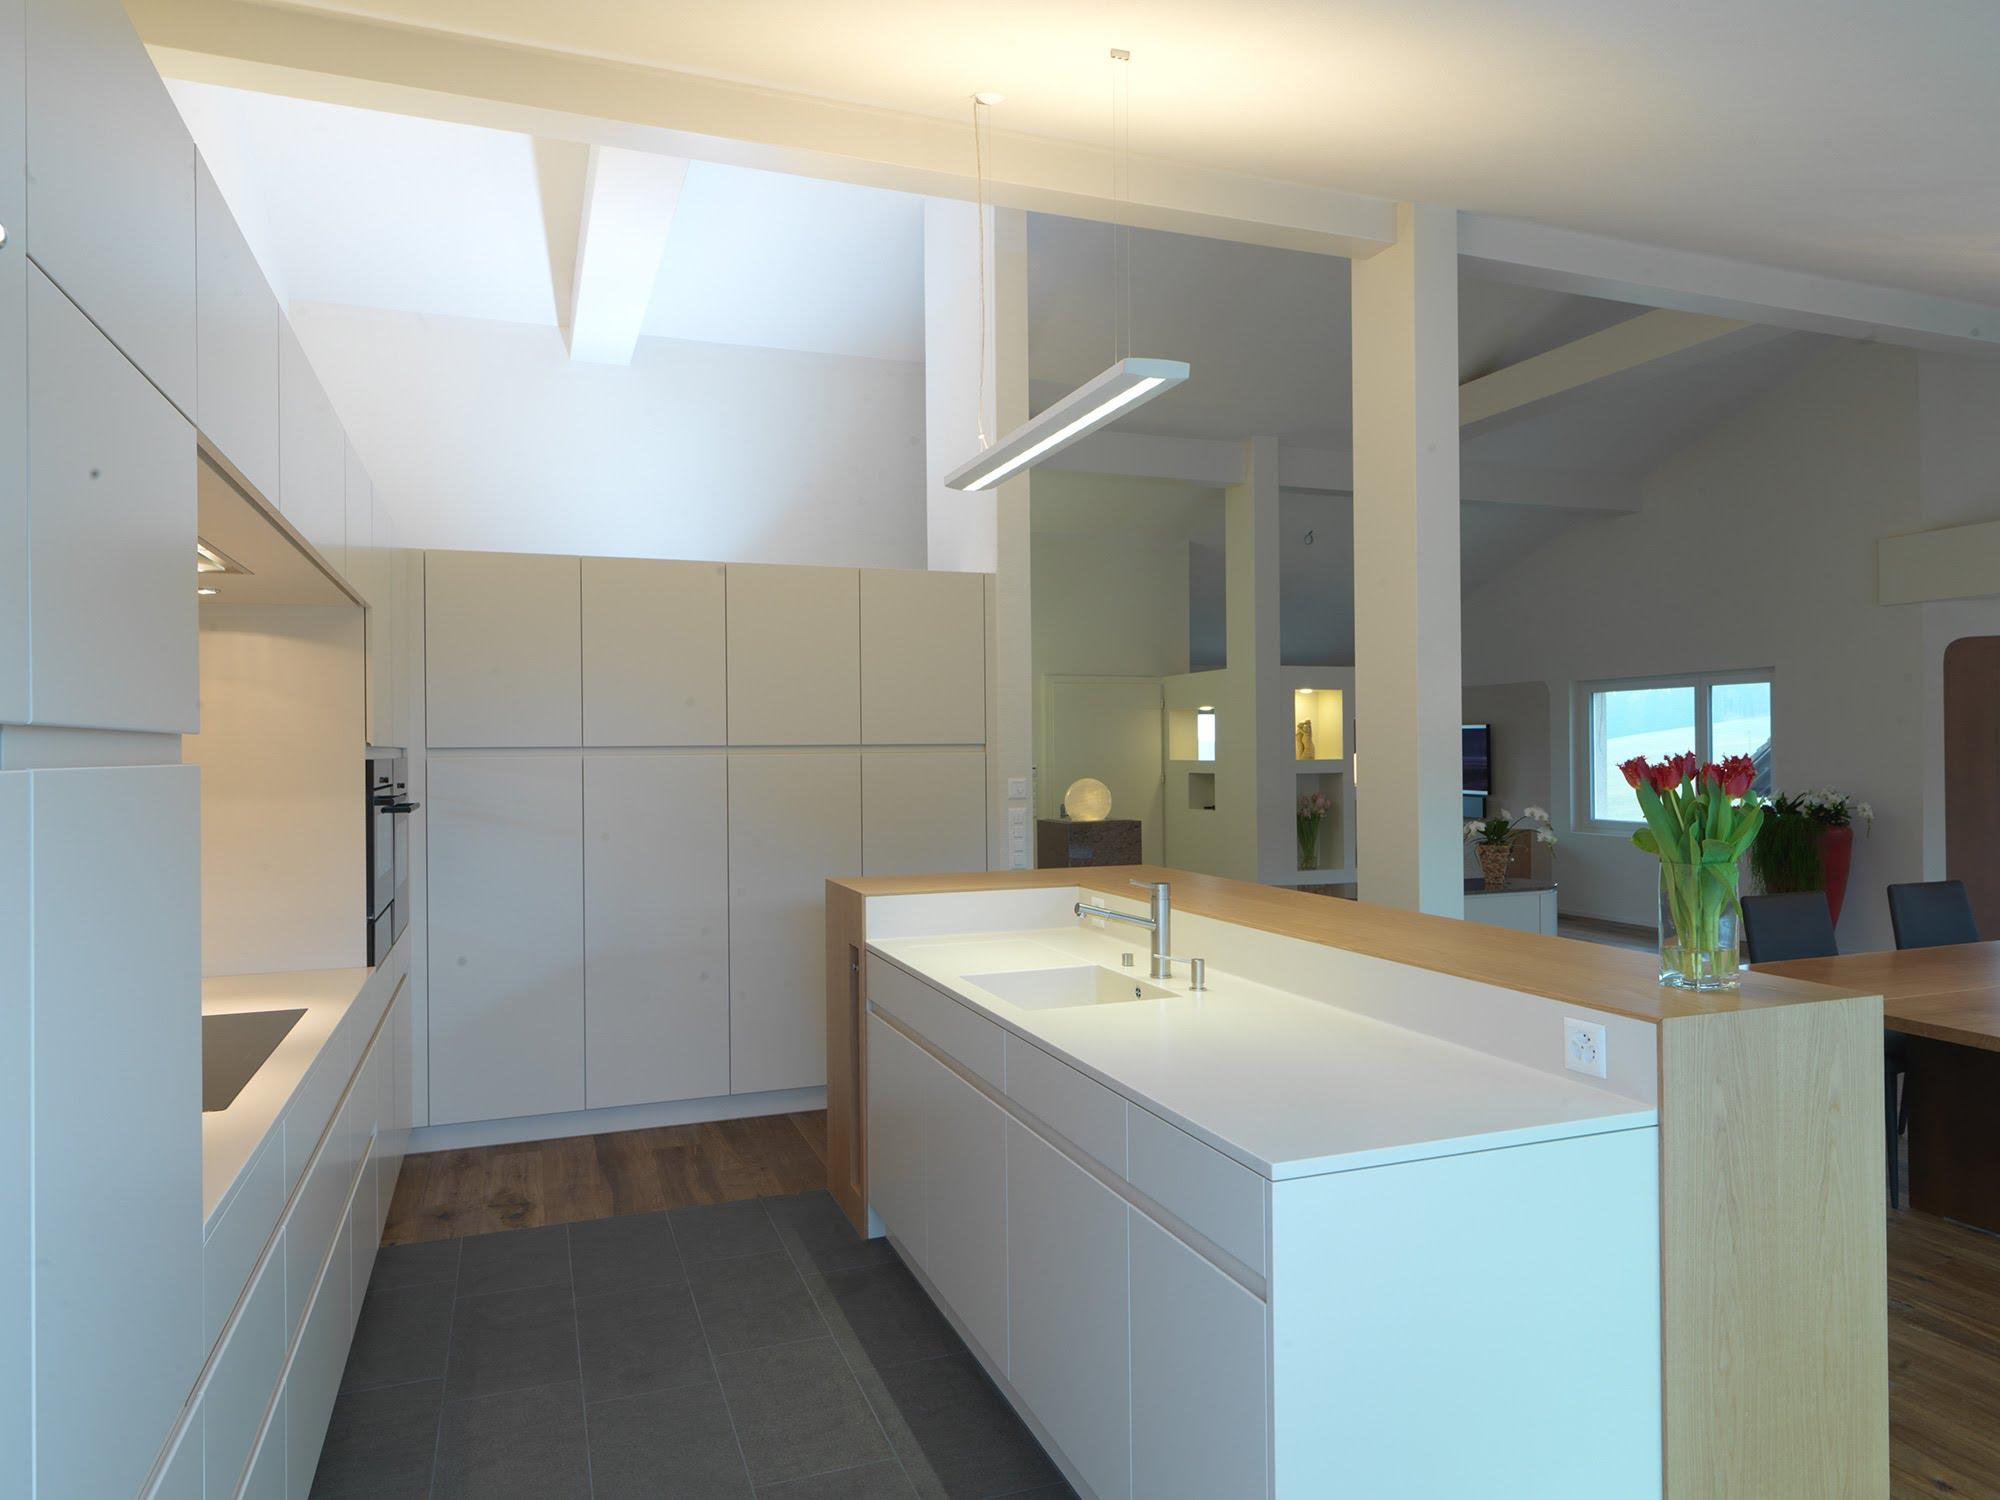 Kücheneinrichtung Dachgeschoss - Küchen & Küchenumbau-Küchen werden immer mehr zum Ort der Begegnung - Sursee, Willisau, Aargau, Zentralschweiz, Luzern, Zofingen